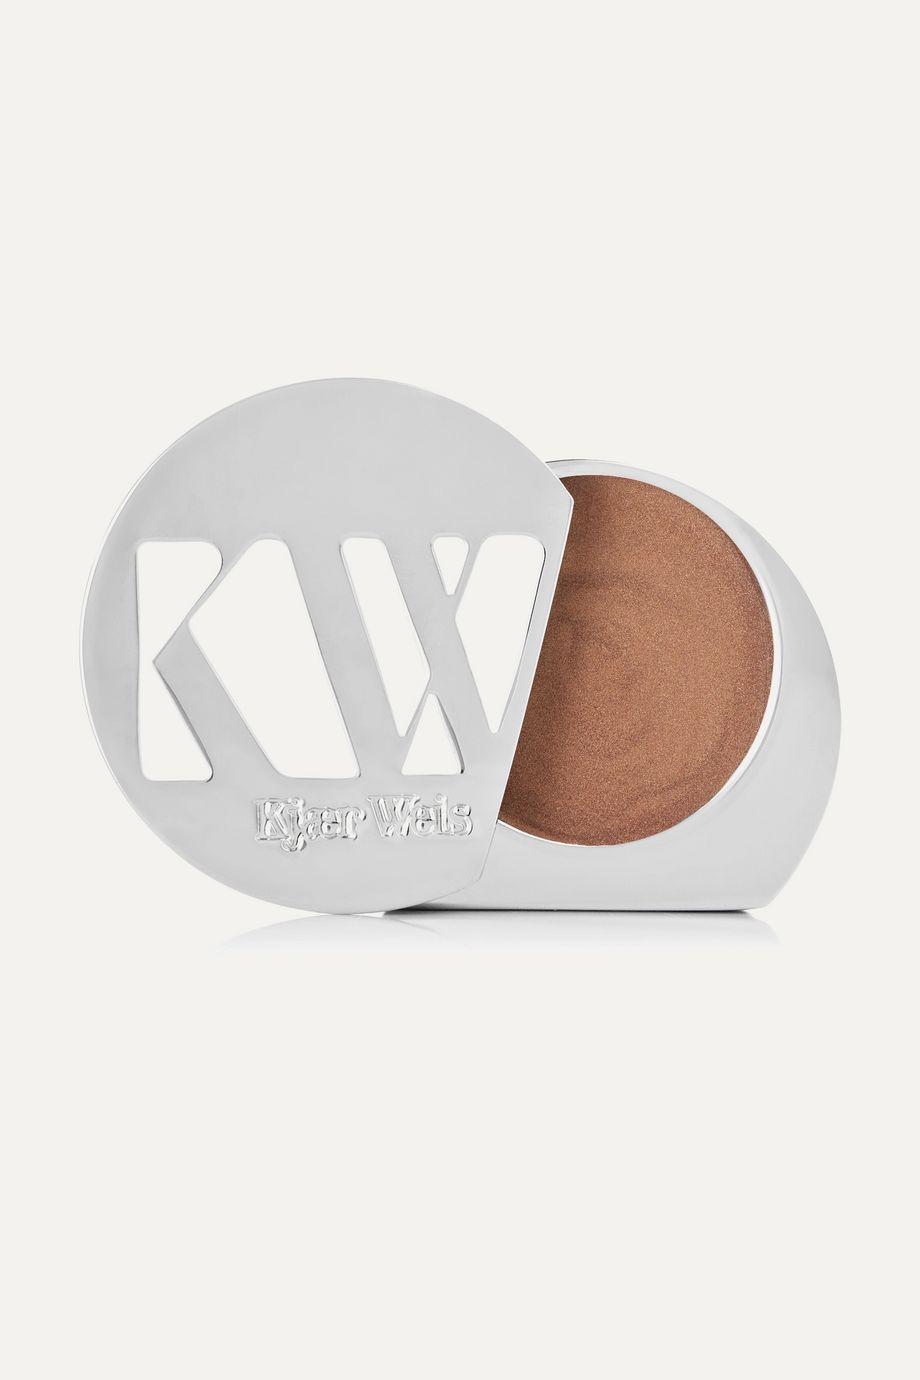 Kjaer Weis Cream Eye Shadow - Alluring